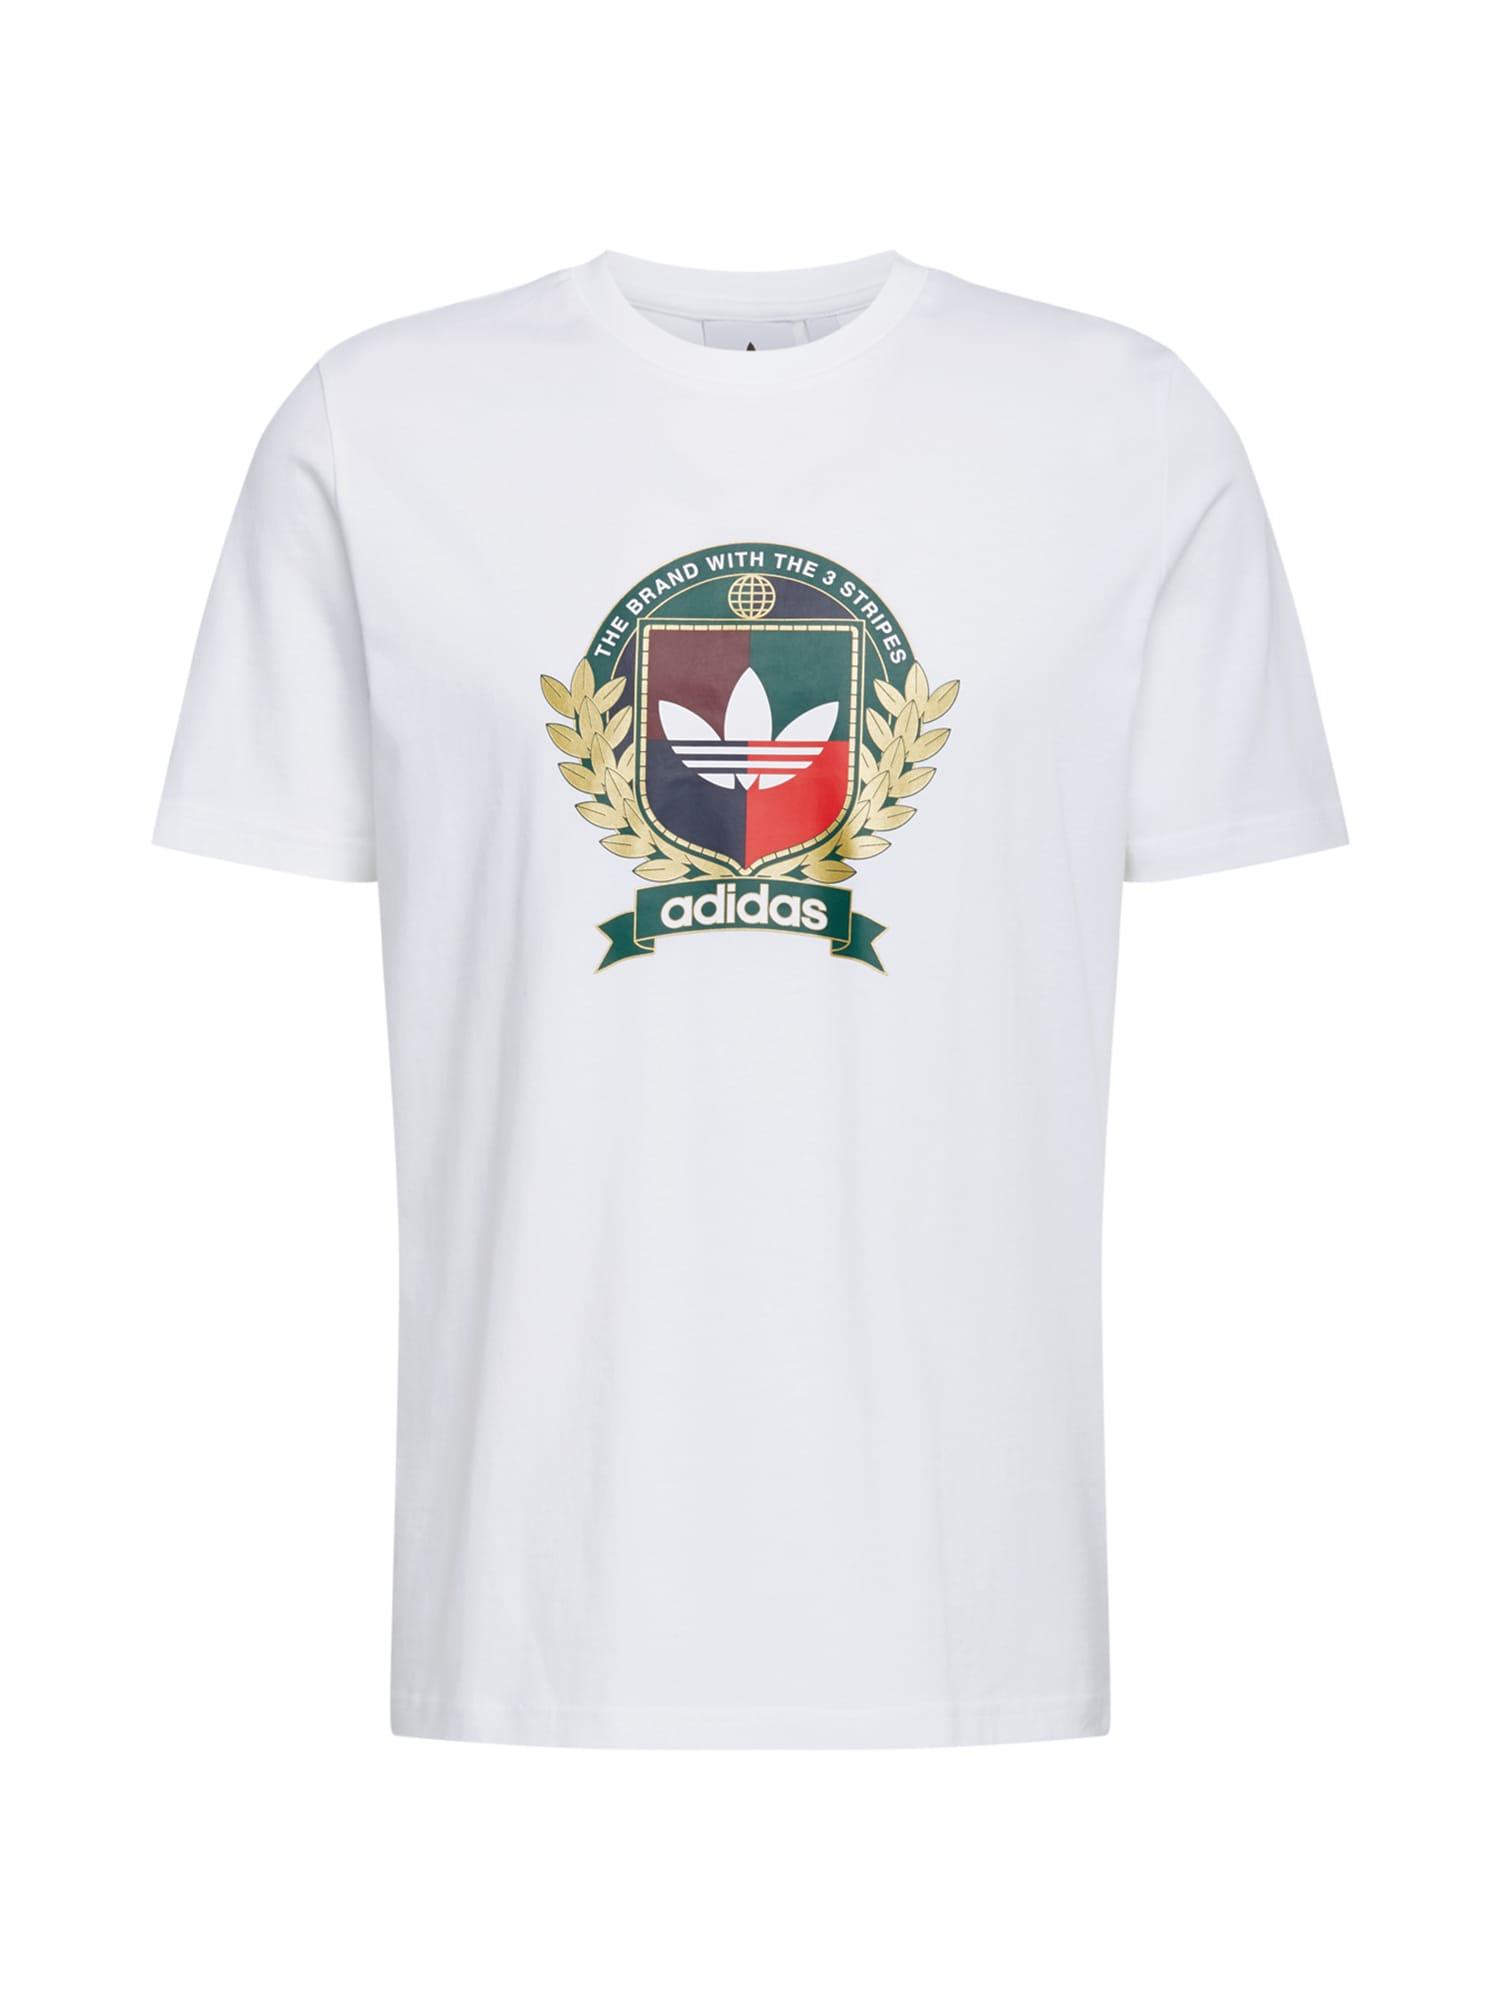 ADIDAS ORIGINALS Marškinėliai 'College Crest' balta / aukso geltonumo spalva / šviesiai raudona / vyno raudona spalva / įdegio spalva